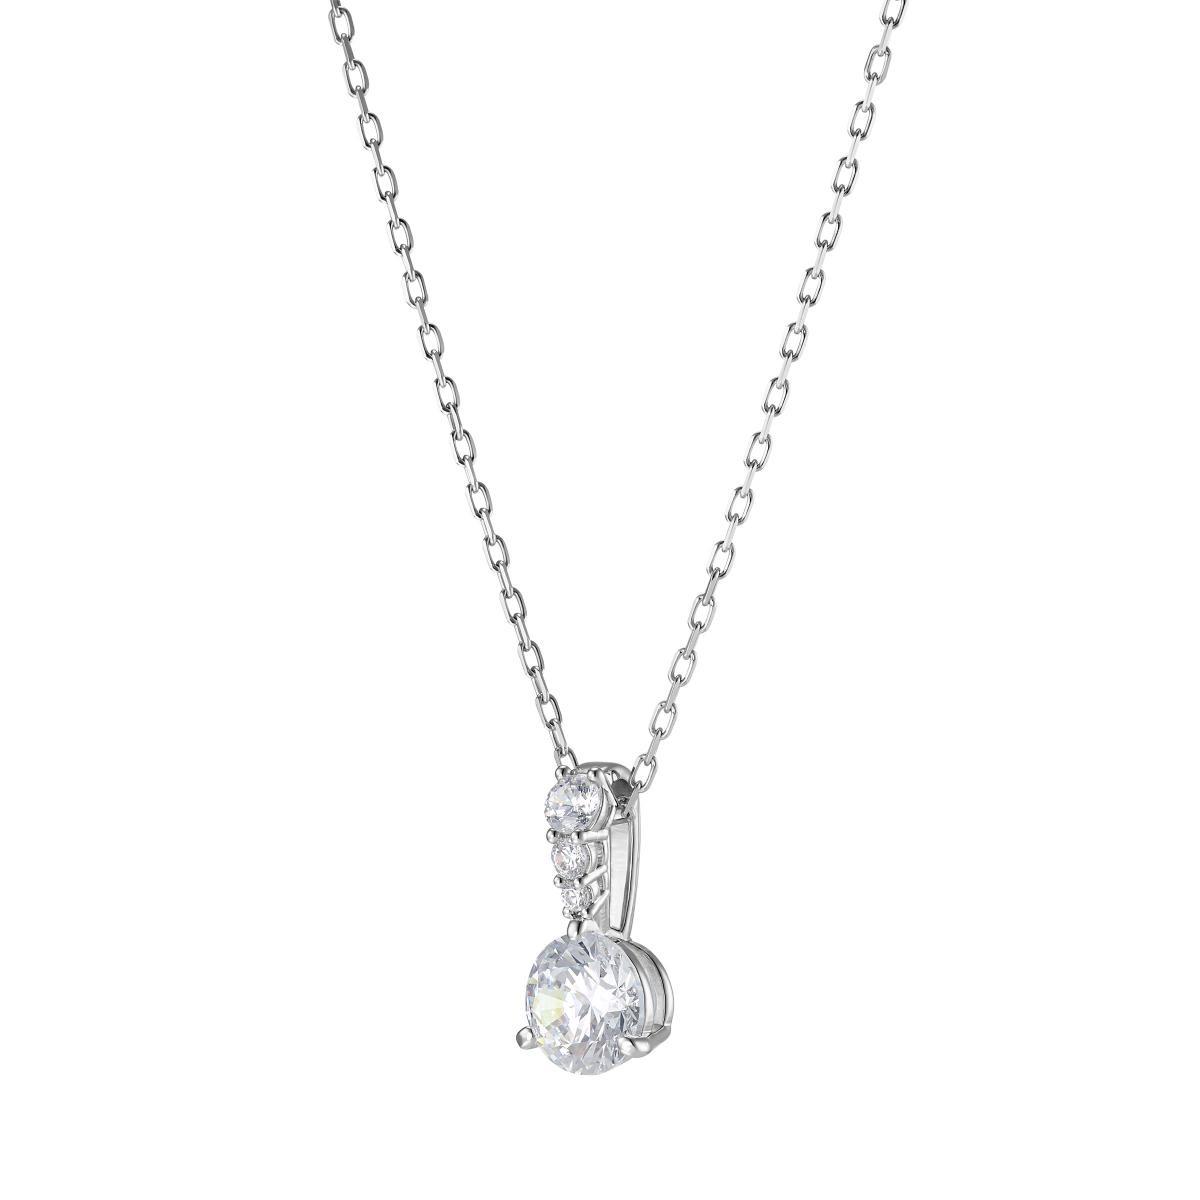 Collier et pendentif Swarovski 5472635 - Pendentif Solitaire Métal Rhodié  et Cristaux Étincelants Femme